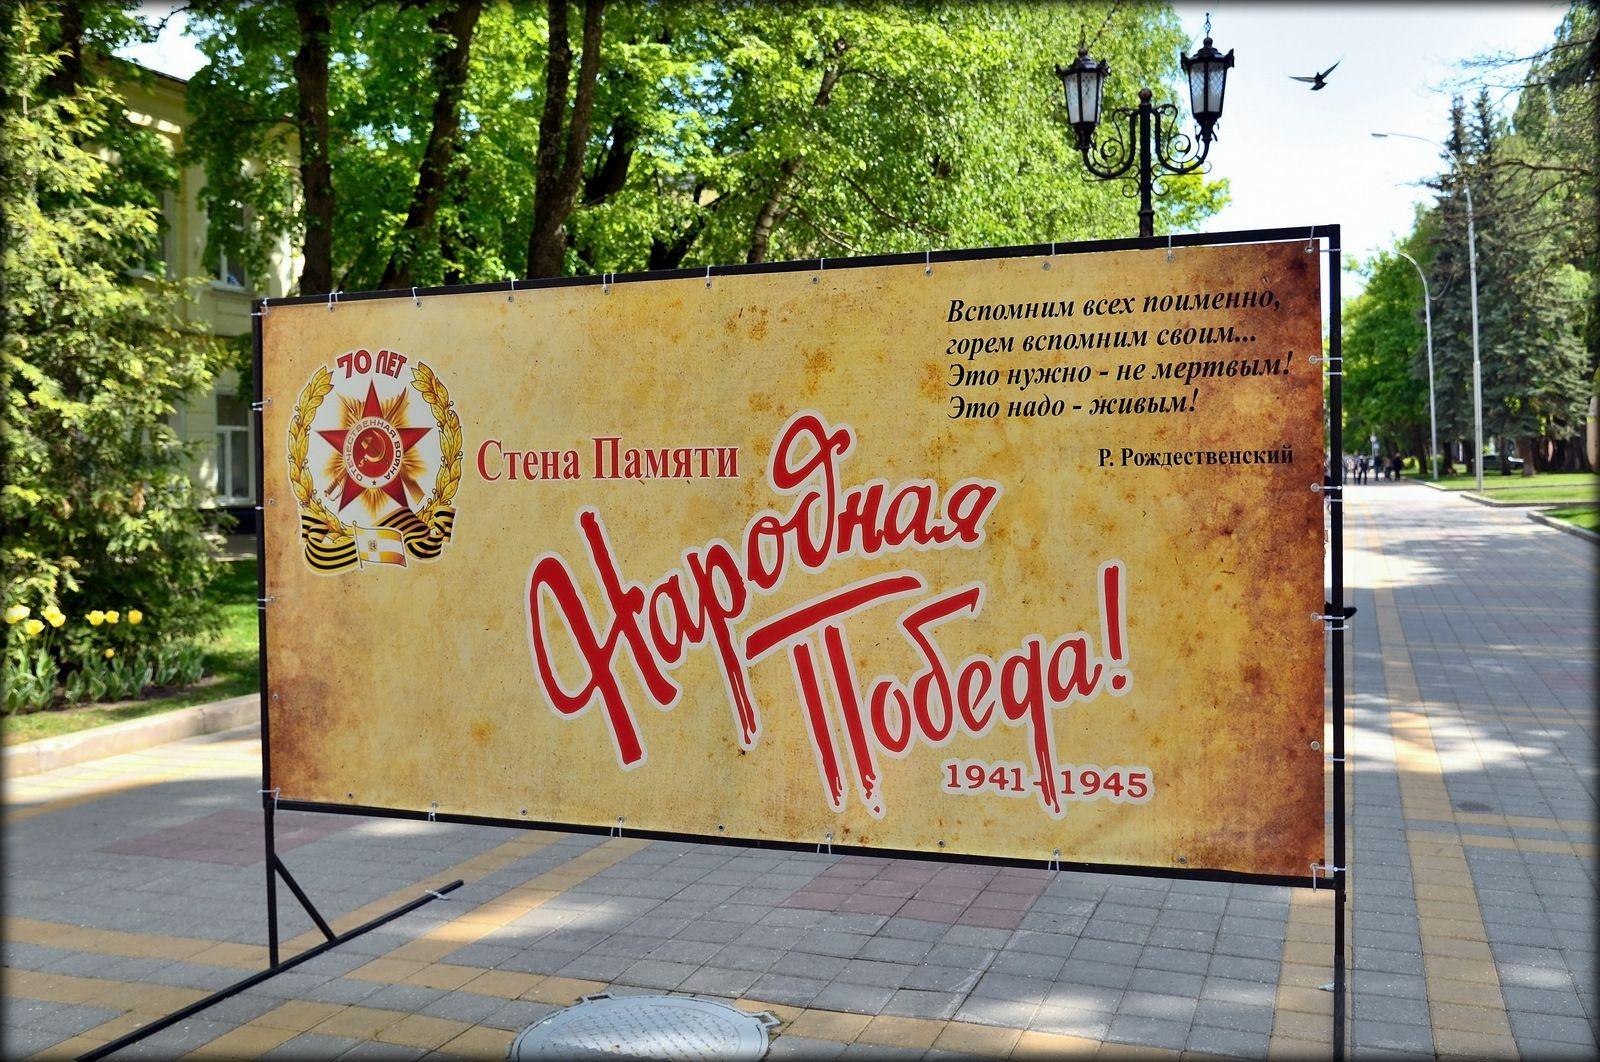 В Ставрополе готовится к открытию обновлённая Стена памяти «Народная Победа»